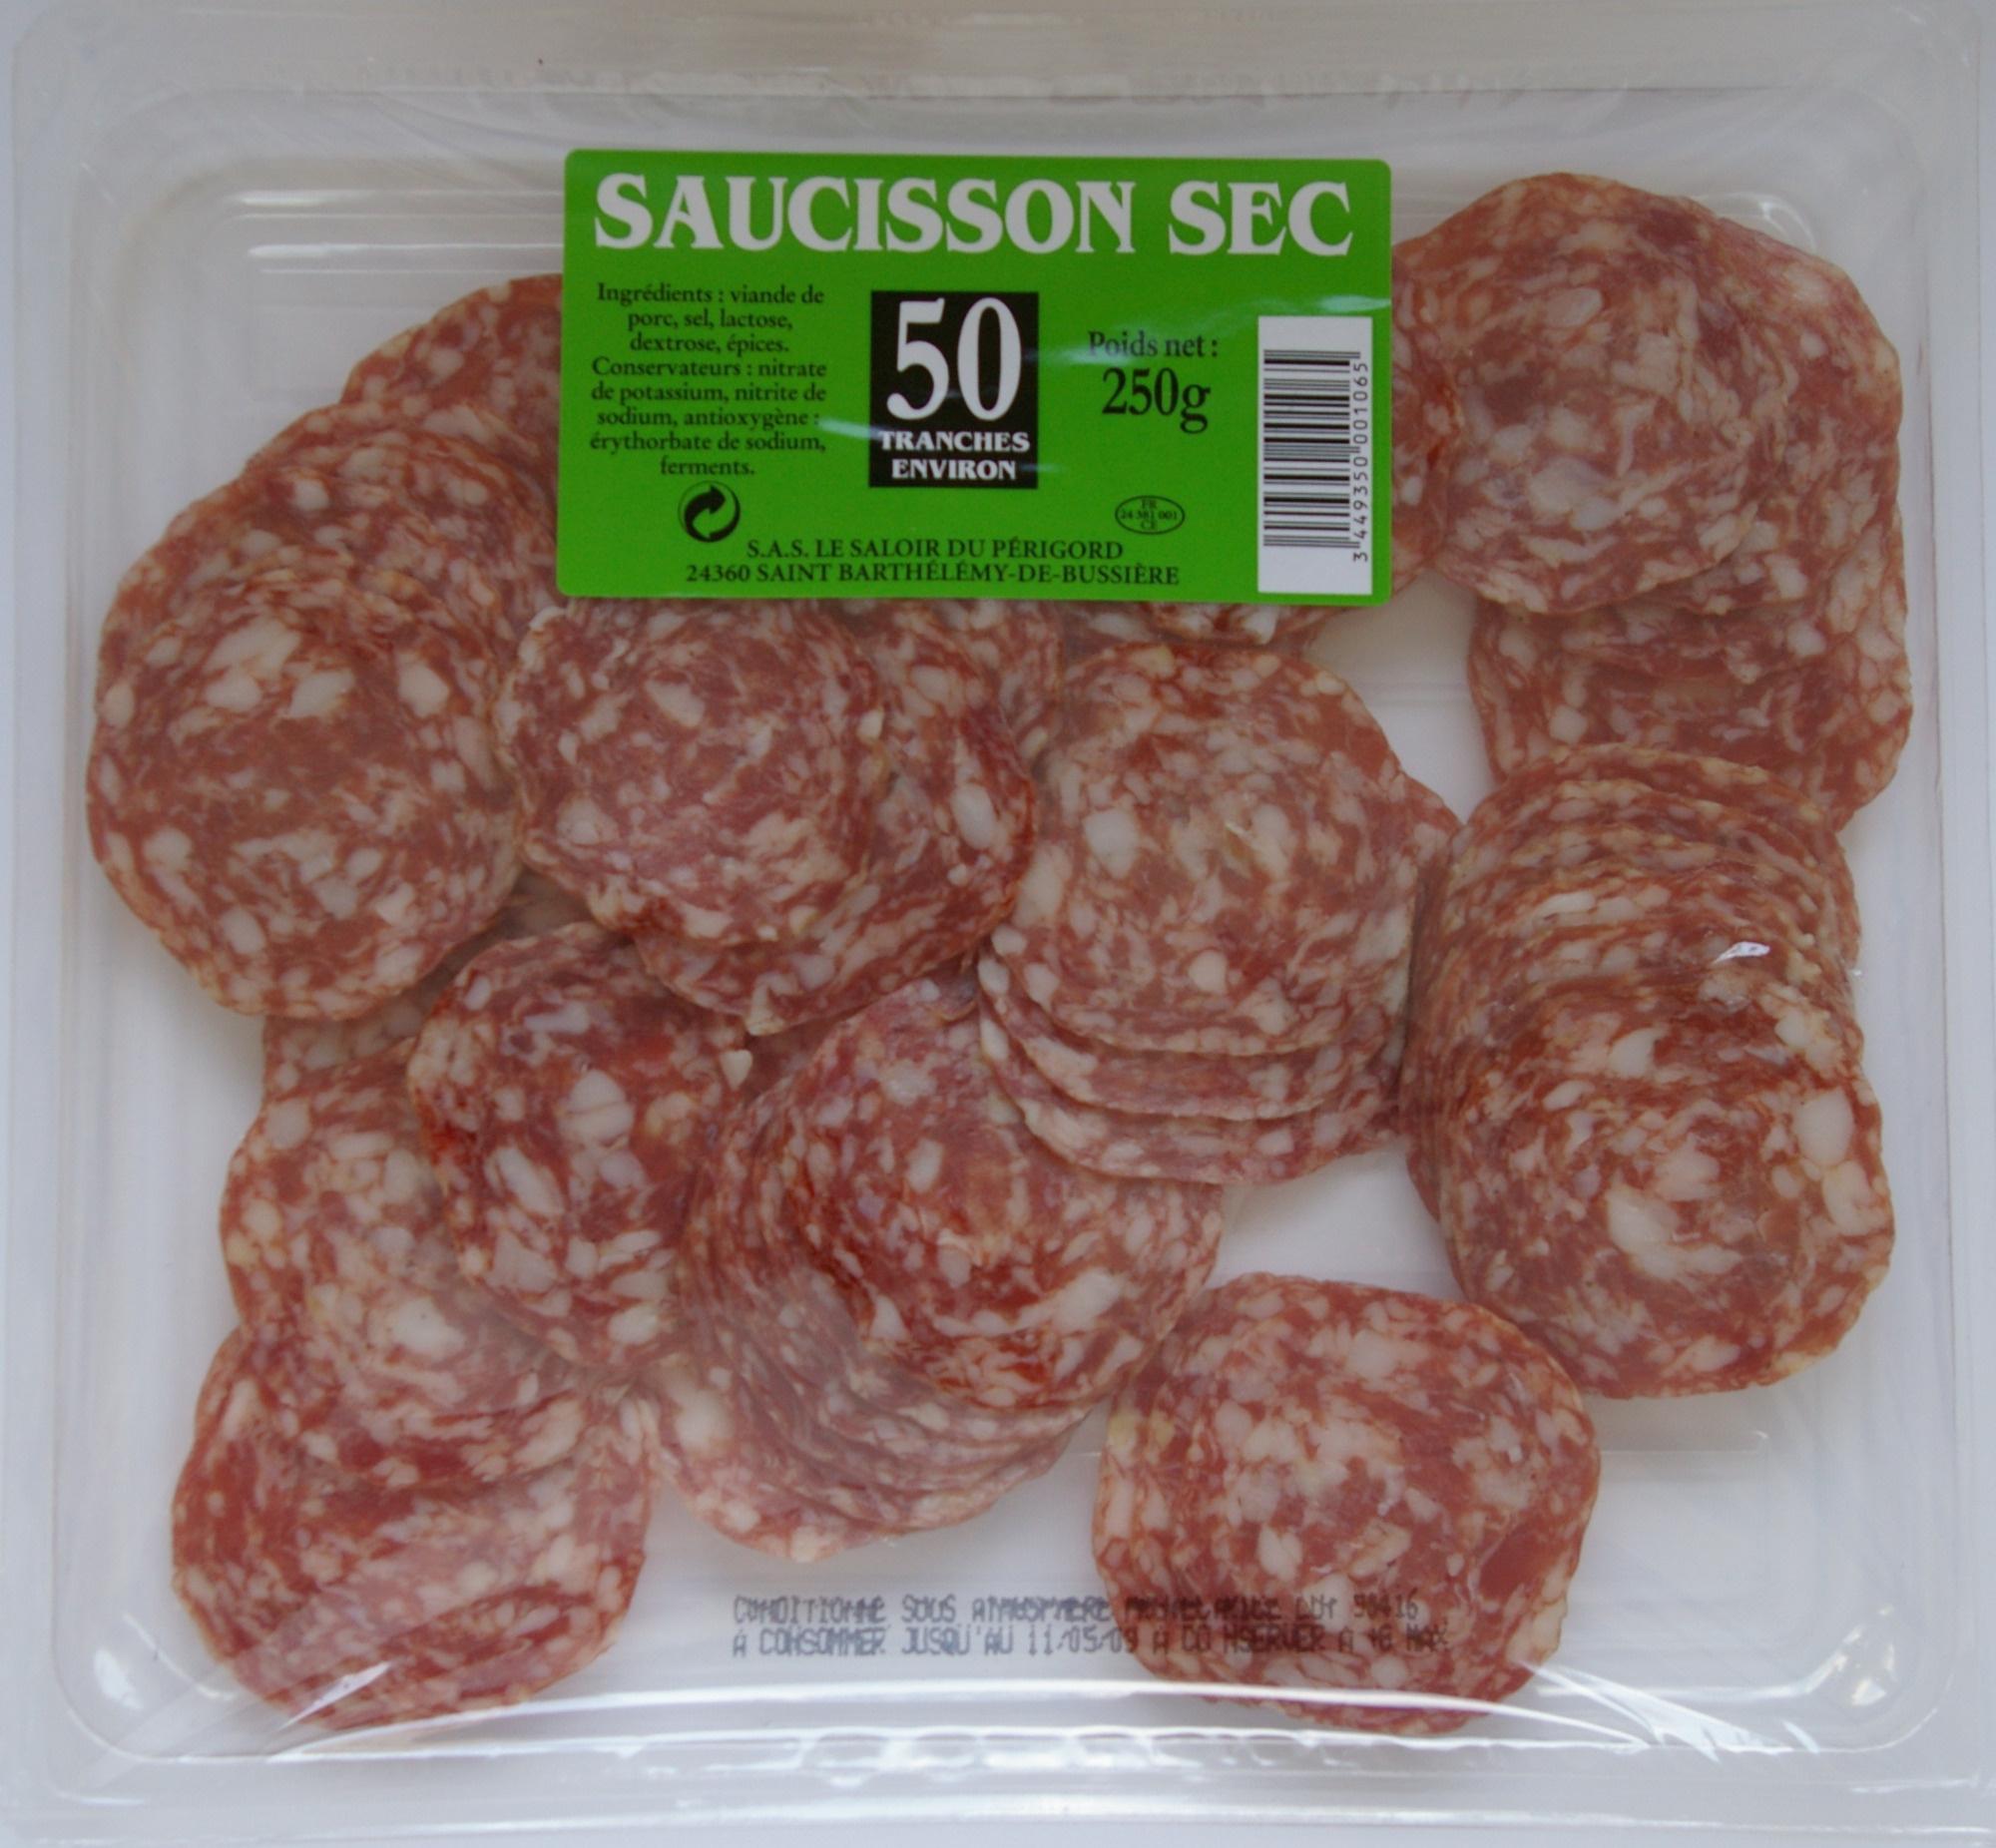 Saucisson sec - Produit - fr